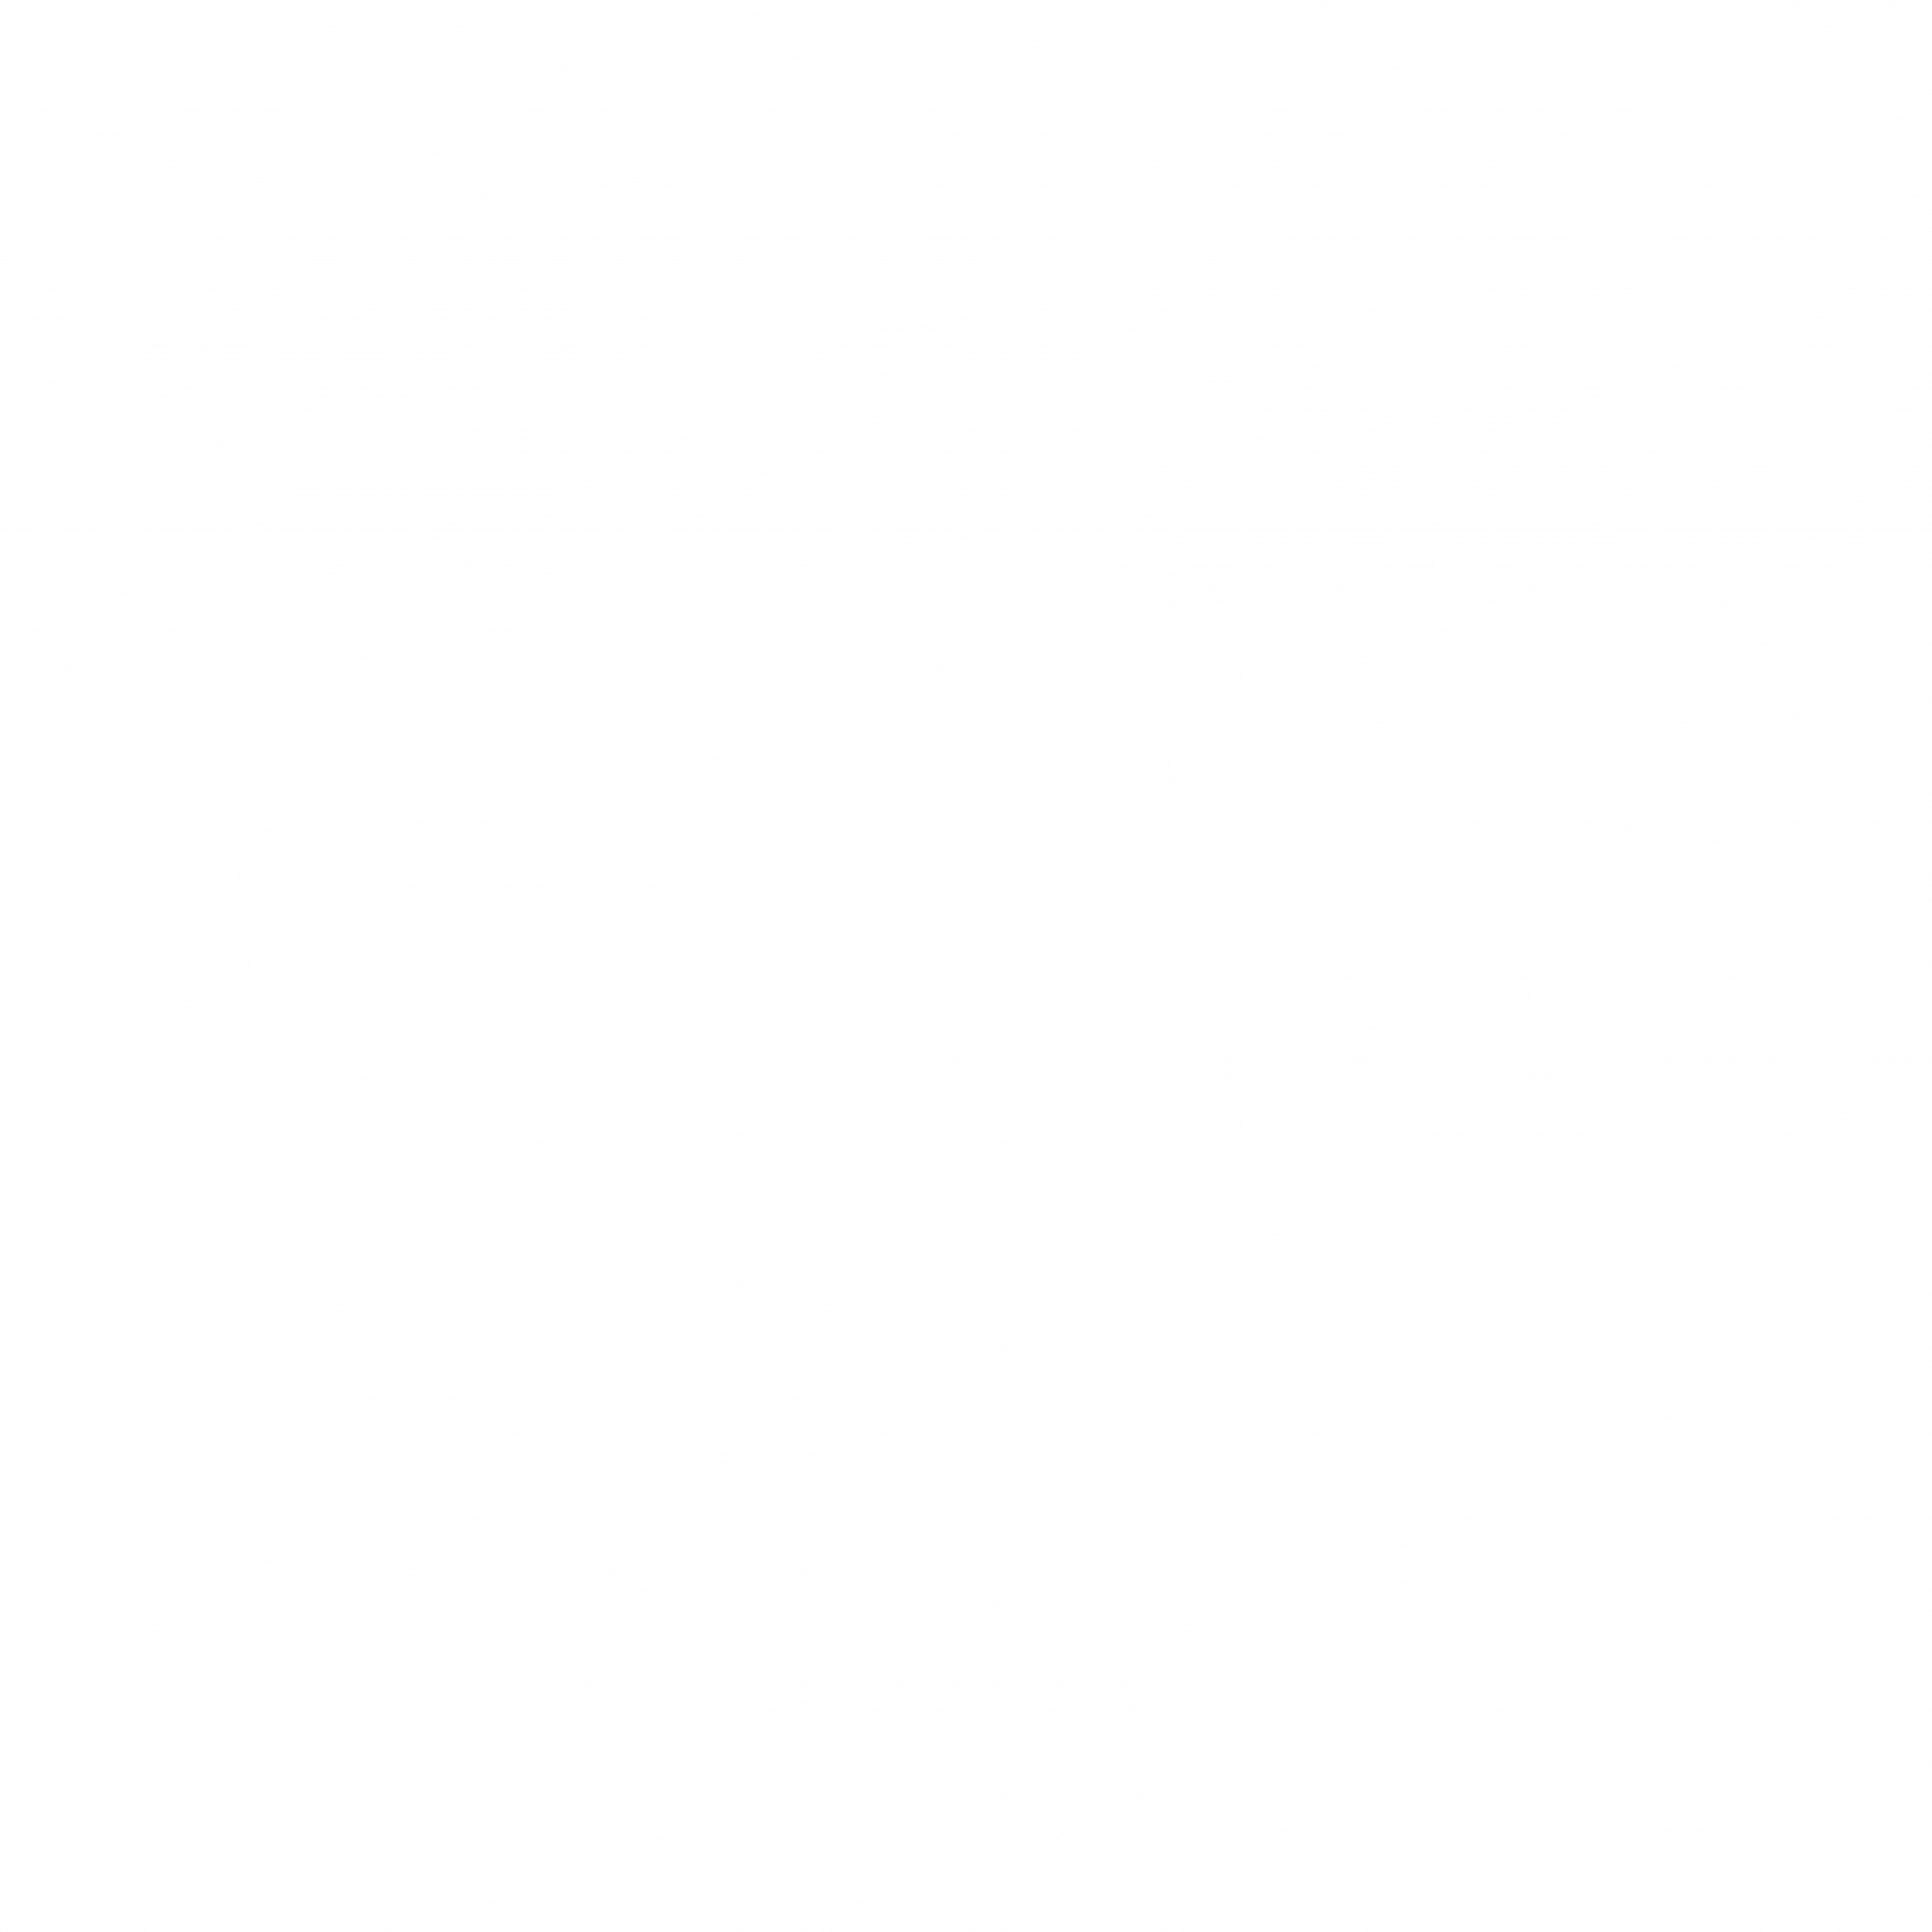 Papel de Parede Casual Branco Liso